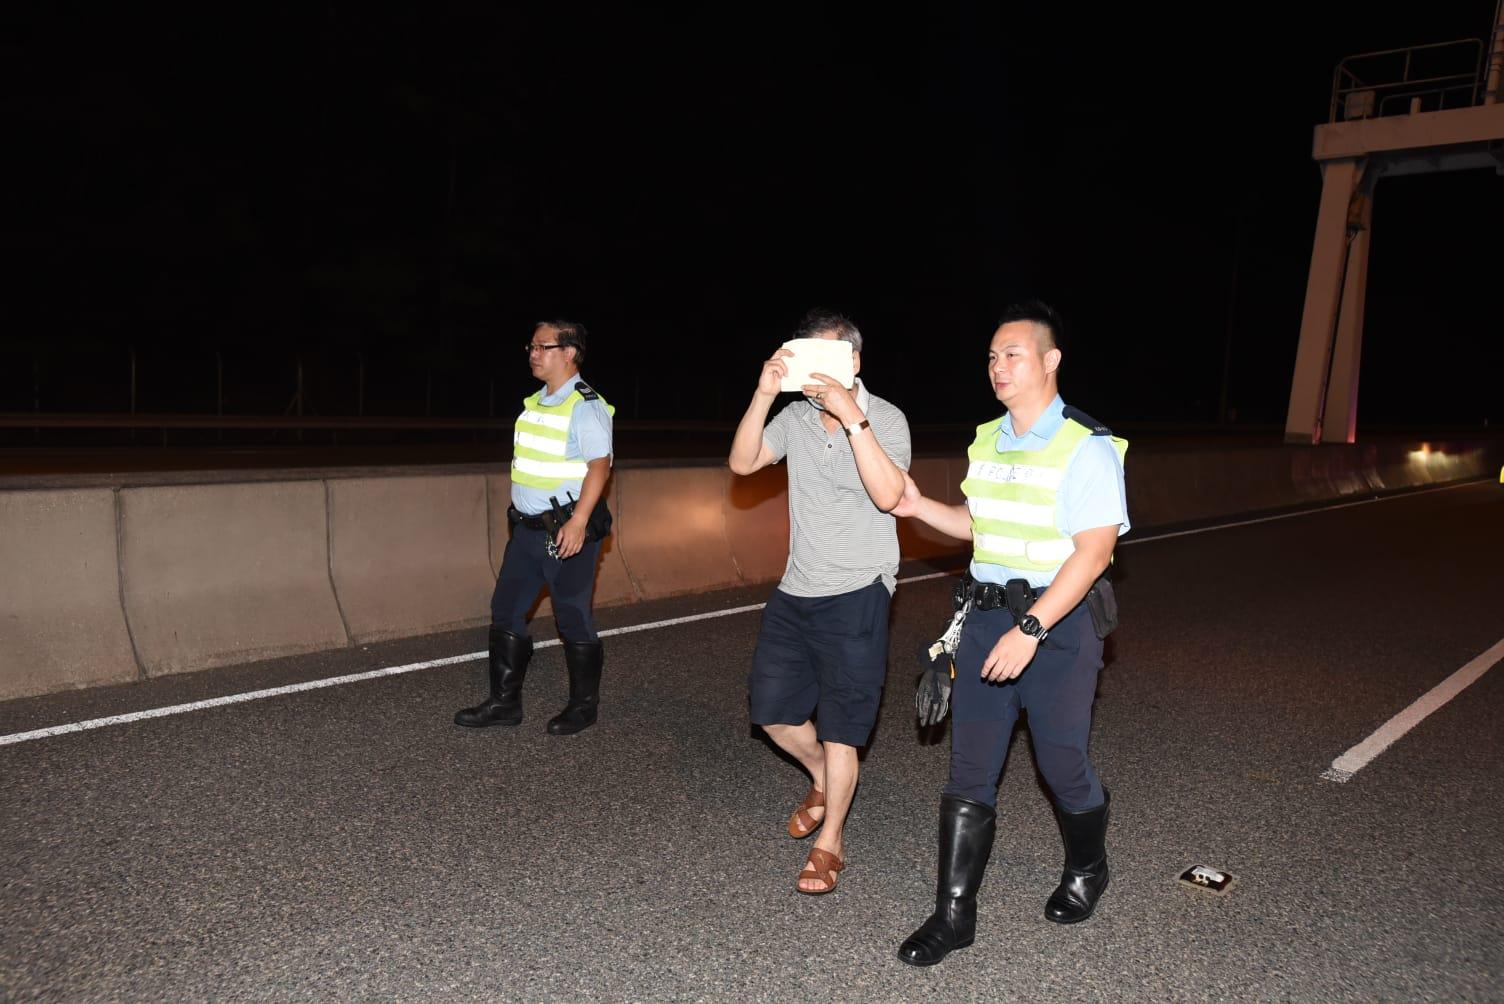 司機無受傷,在現場協助調查。